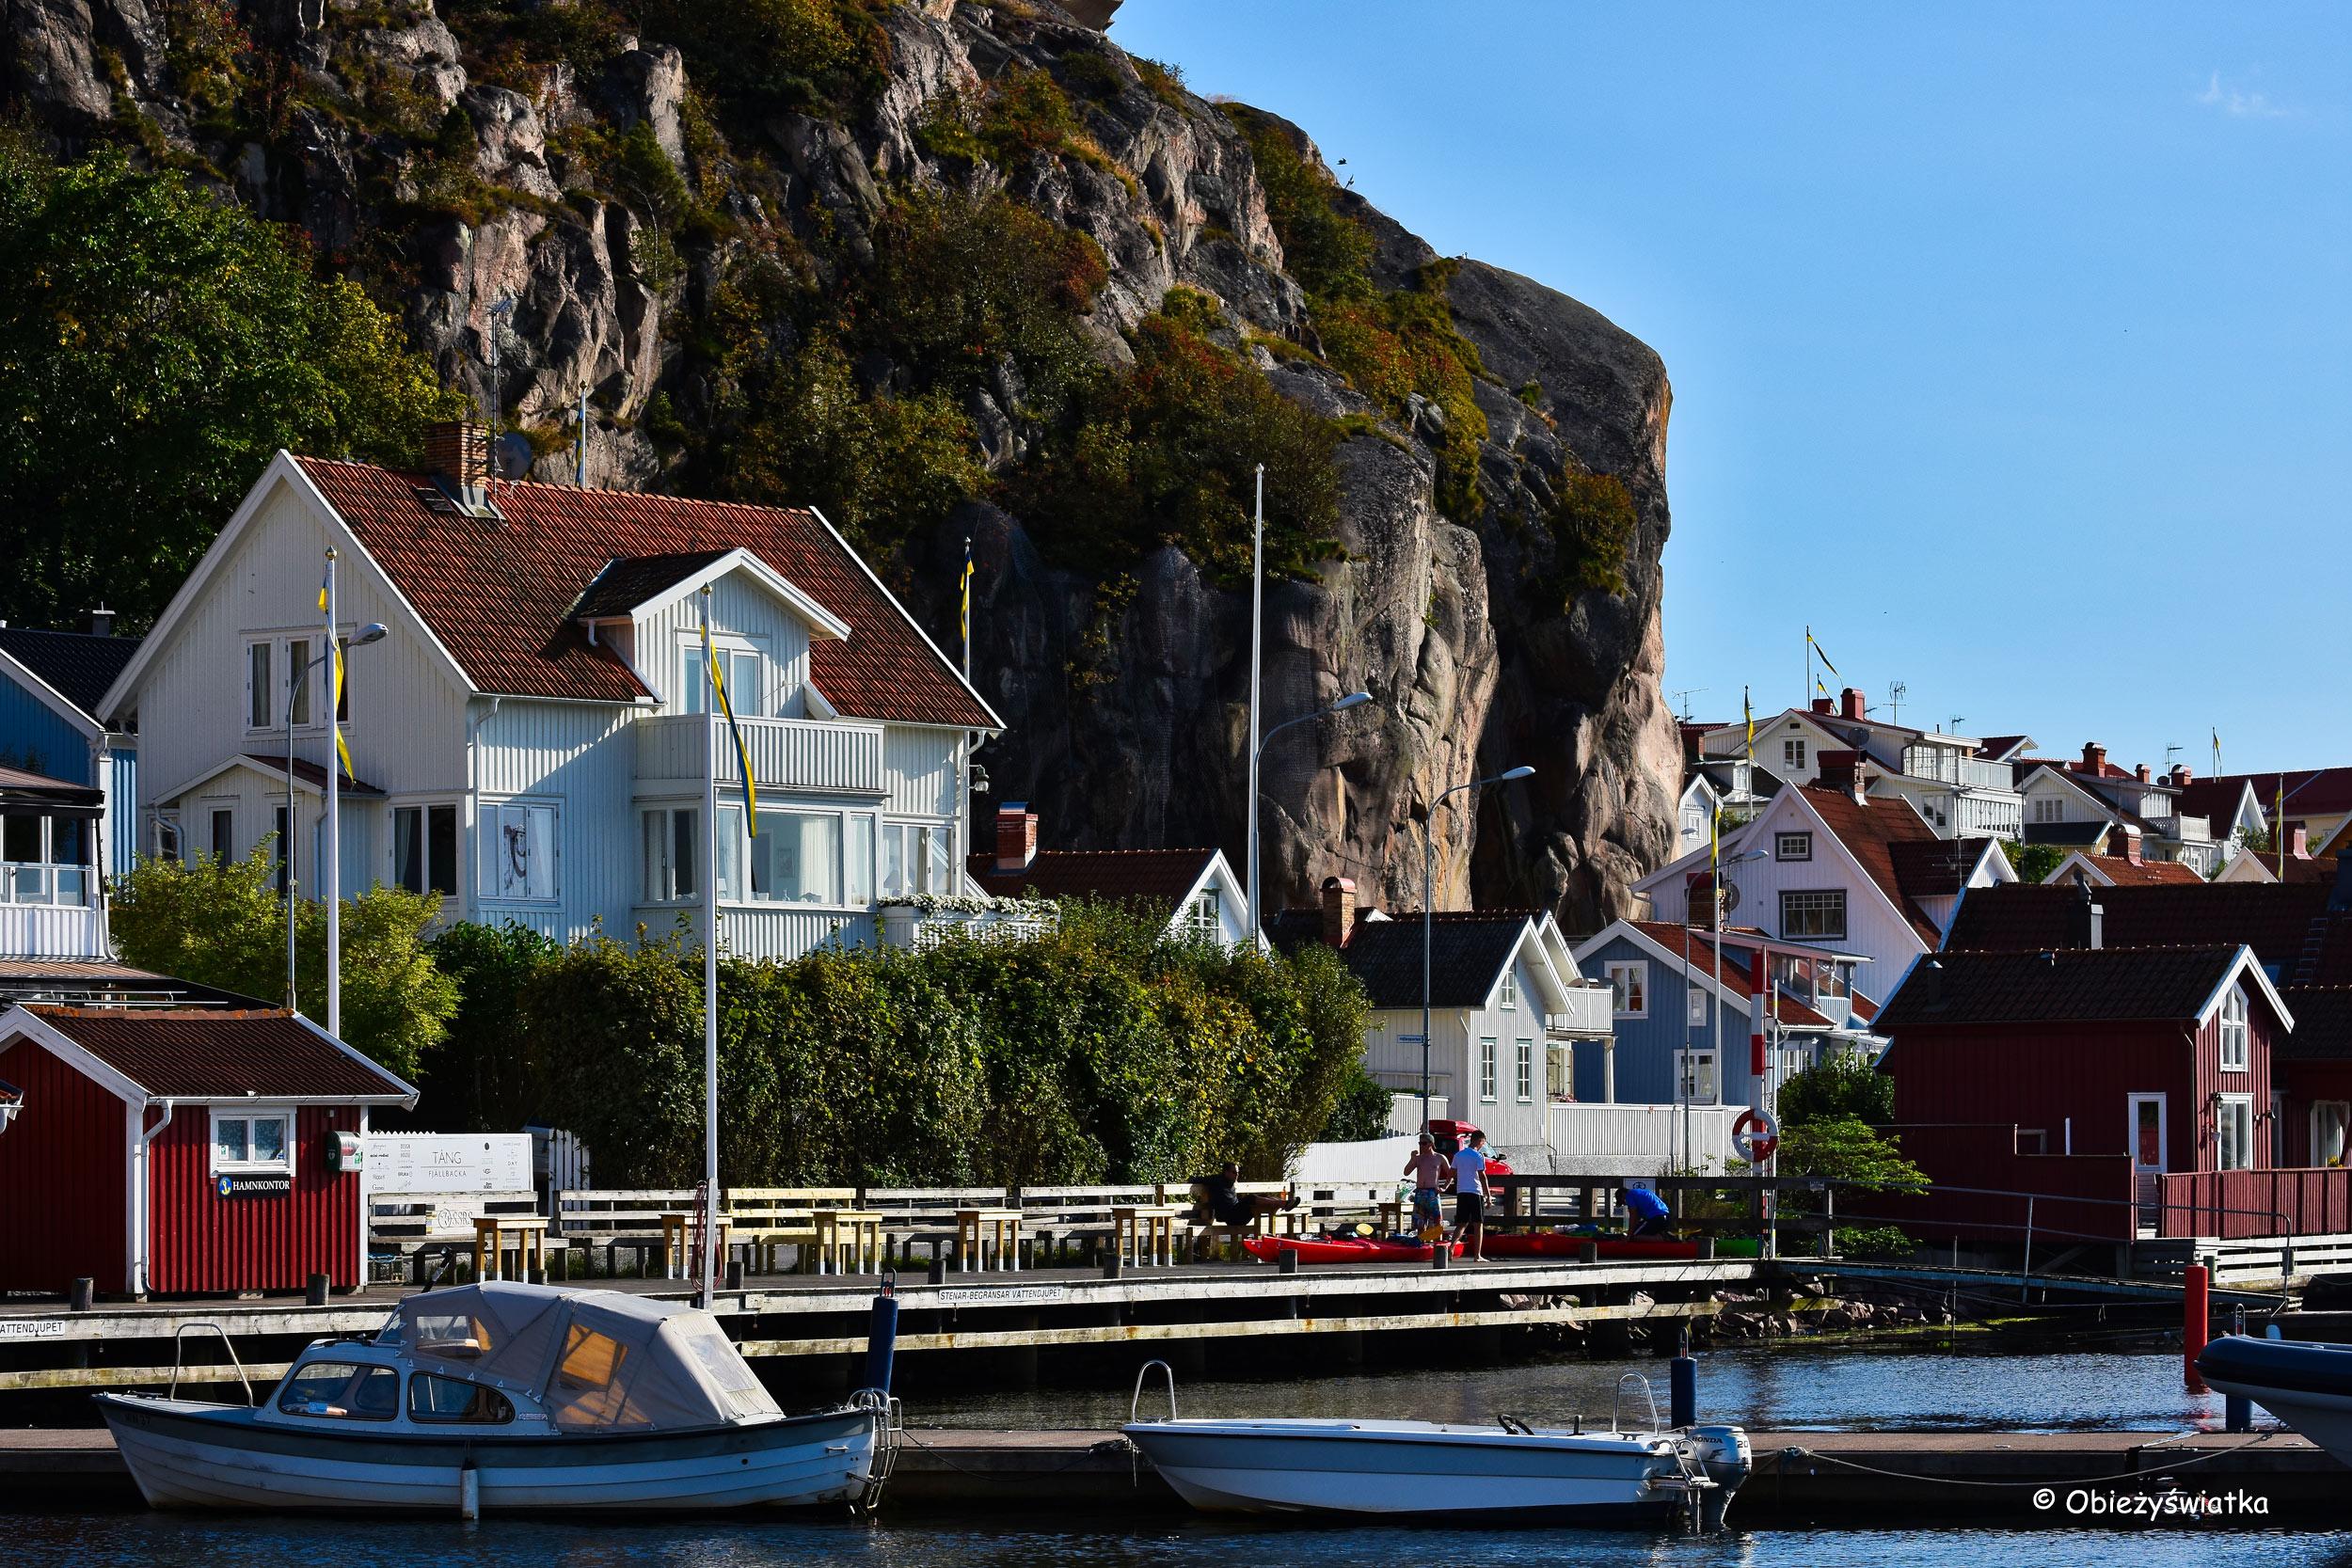 Przystań, łodzie i domki pod skałami, Fjällbacka